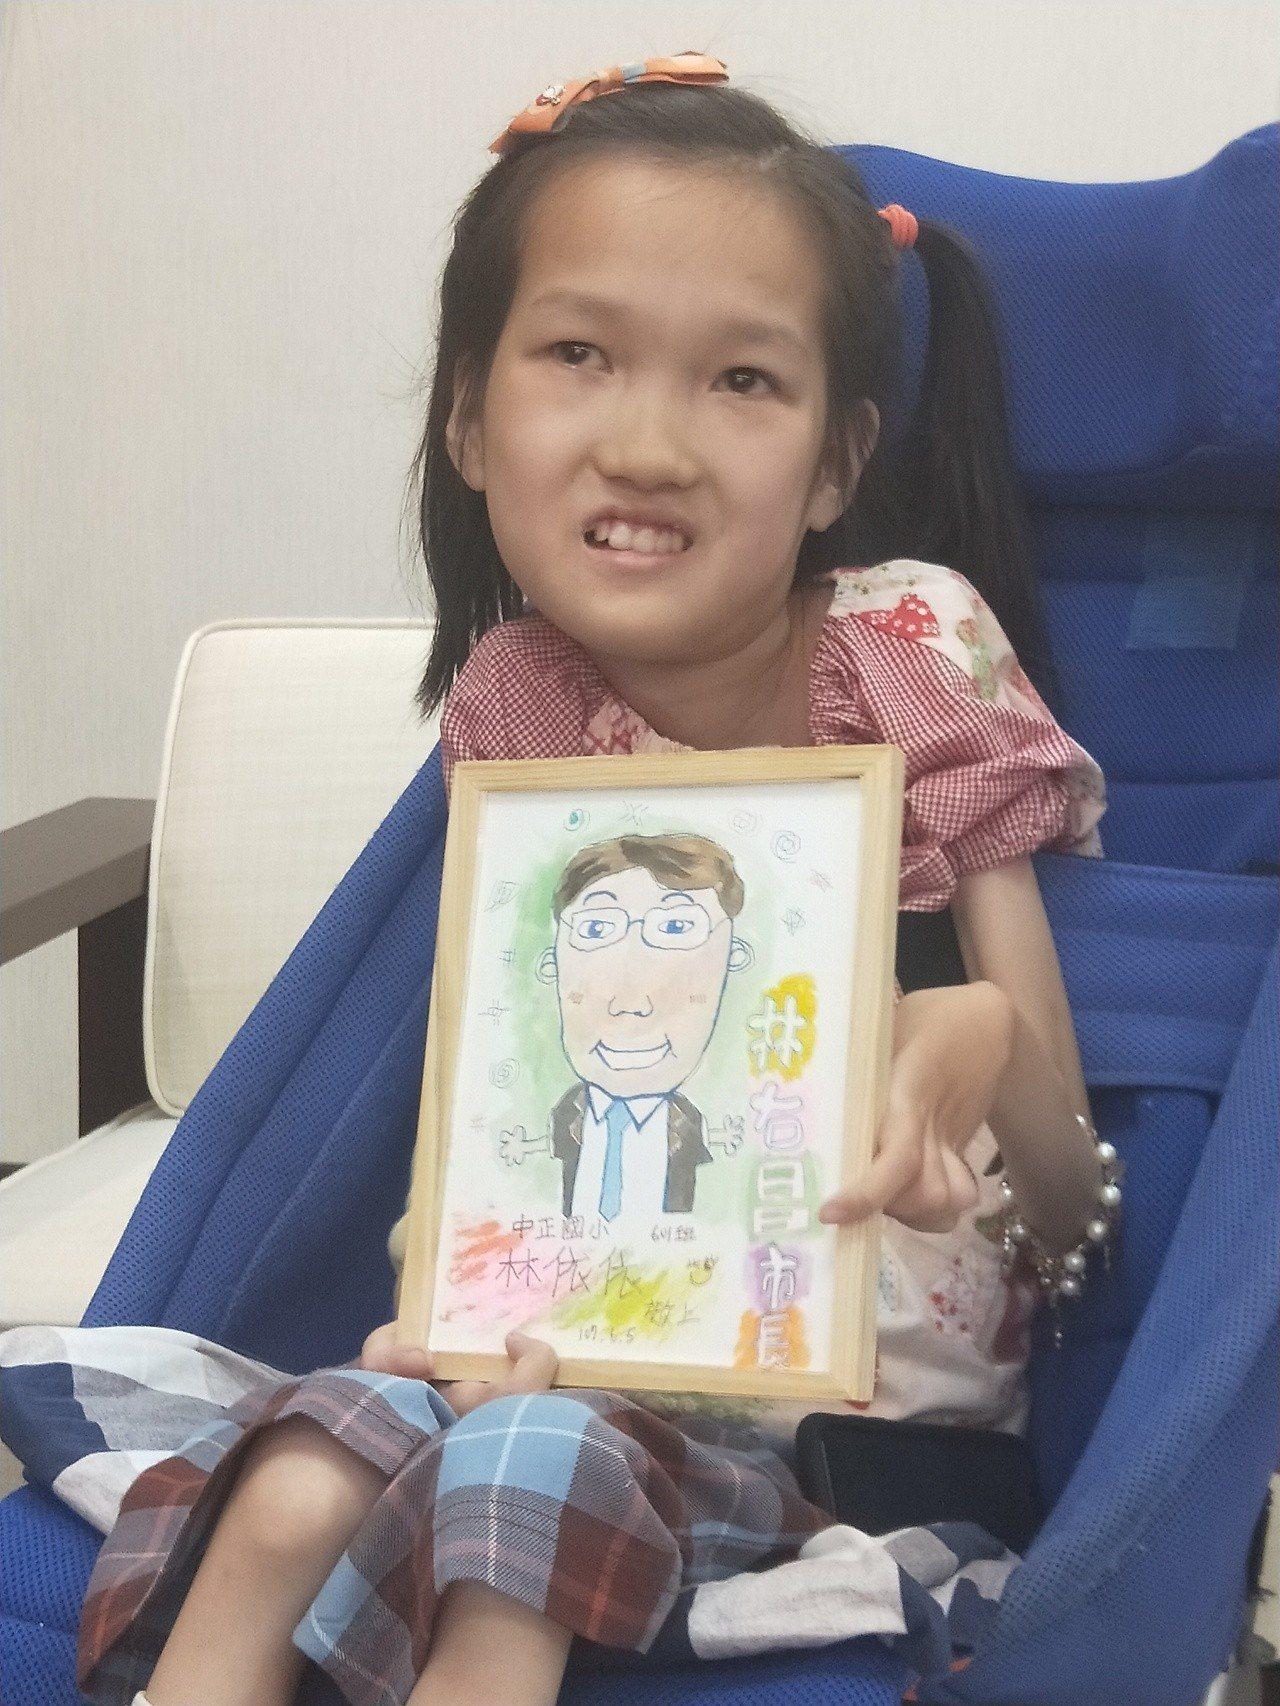 基隆市長林右昌今天上午接見獲得今年總統教育獎的林依依,看到她畫的市長畫像很開心。...